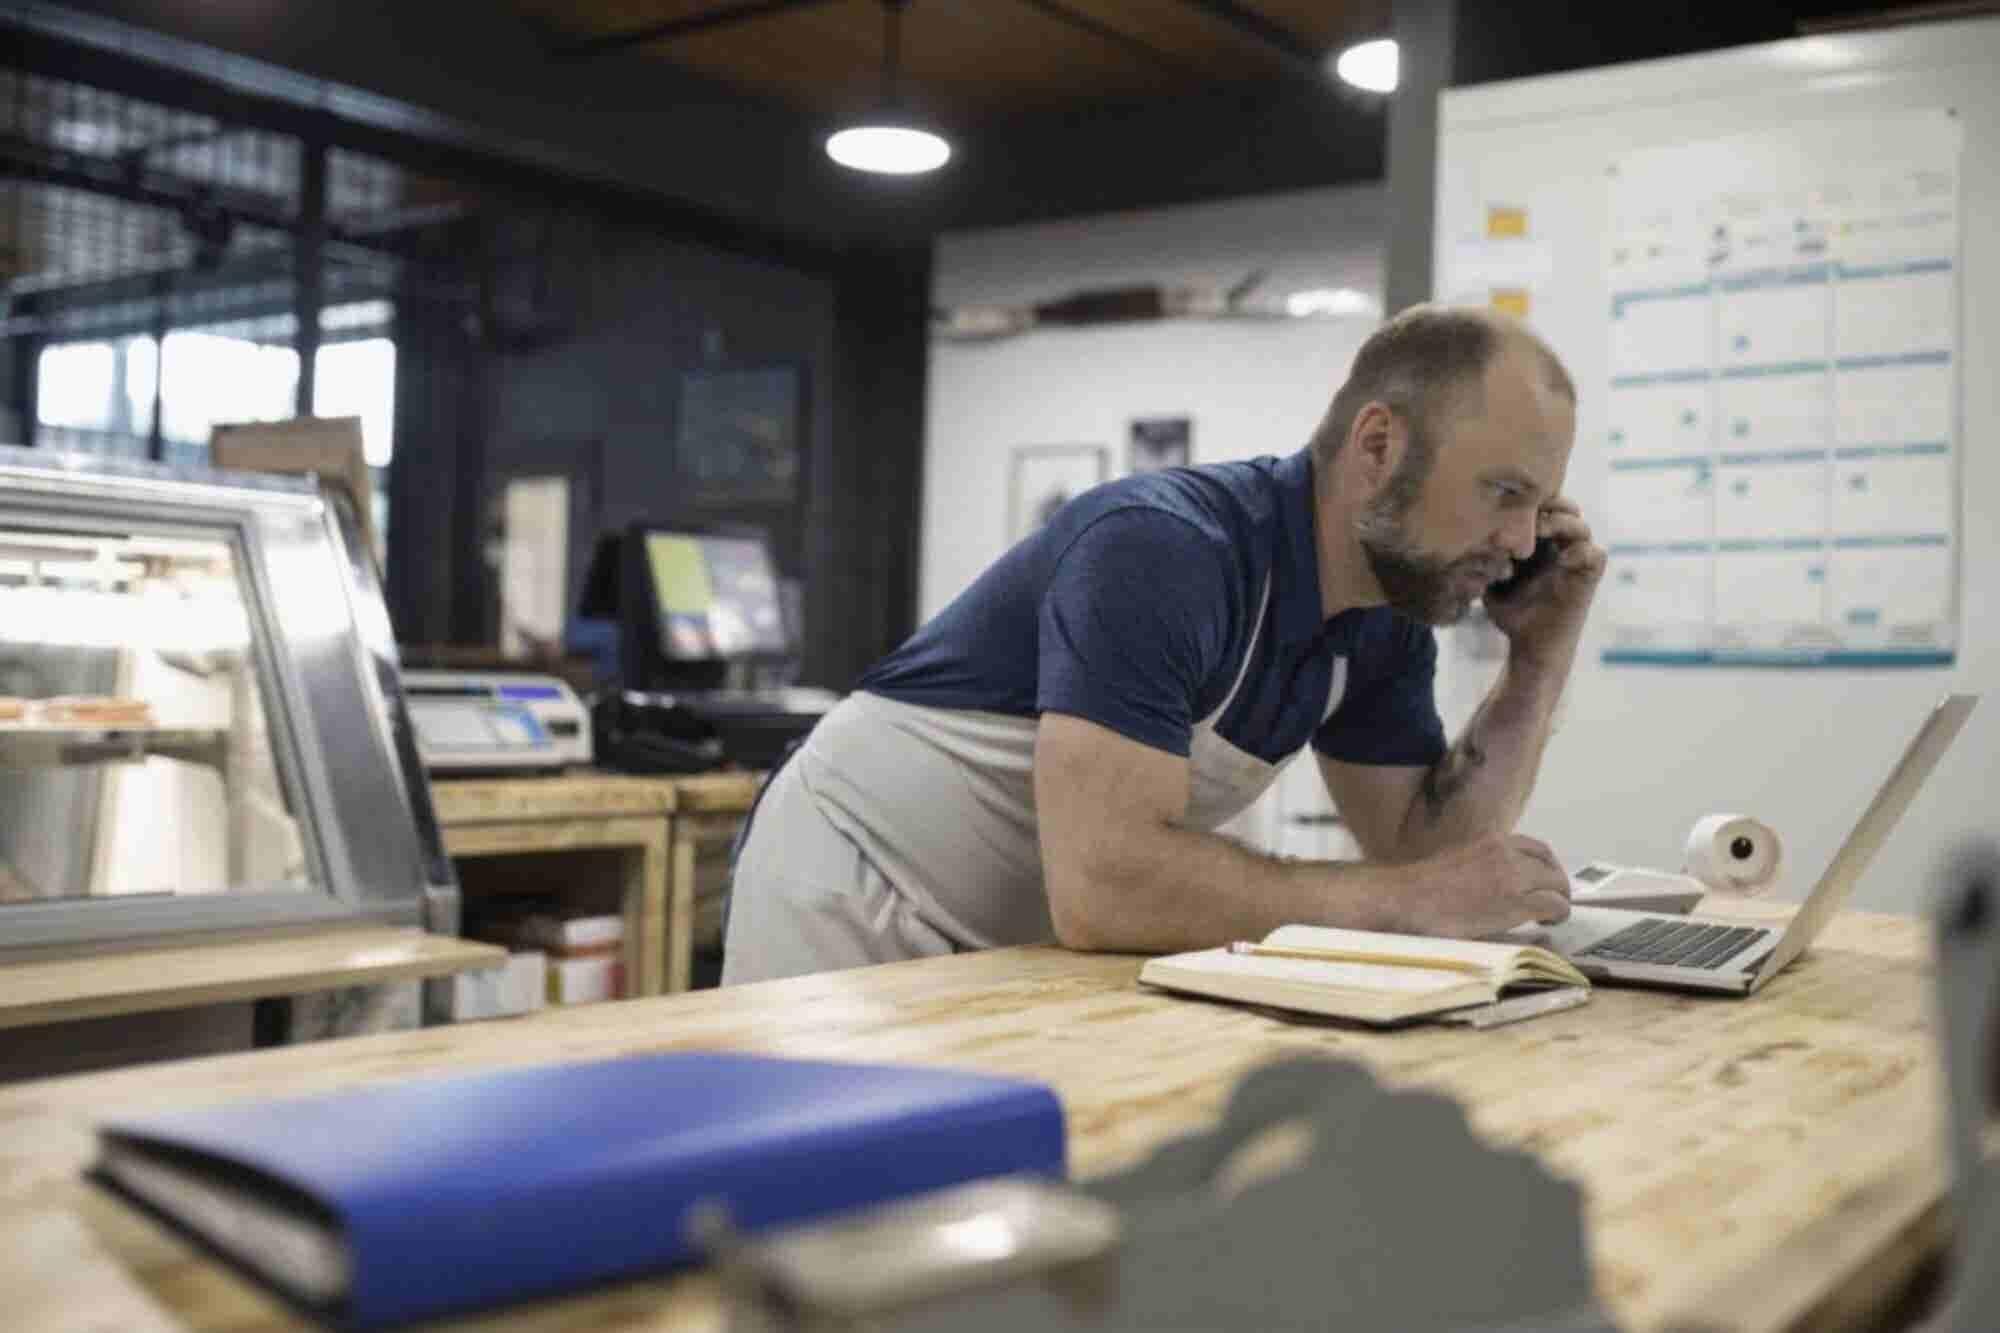 Plan simple de 6 pasos para iniciar una pequeña empresa